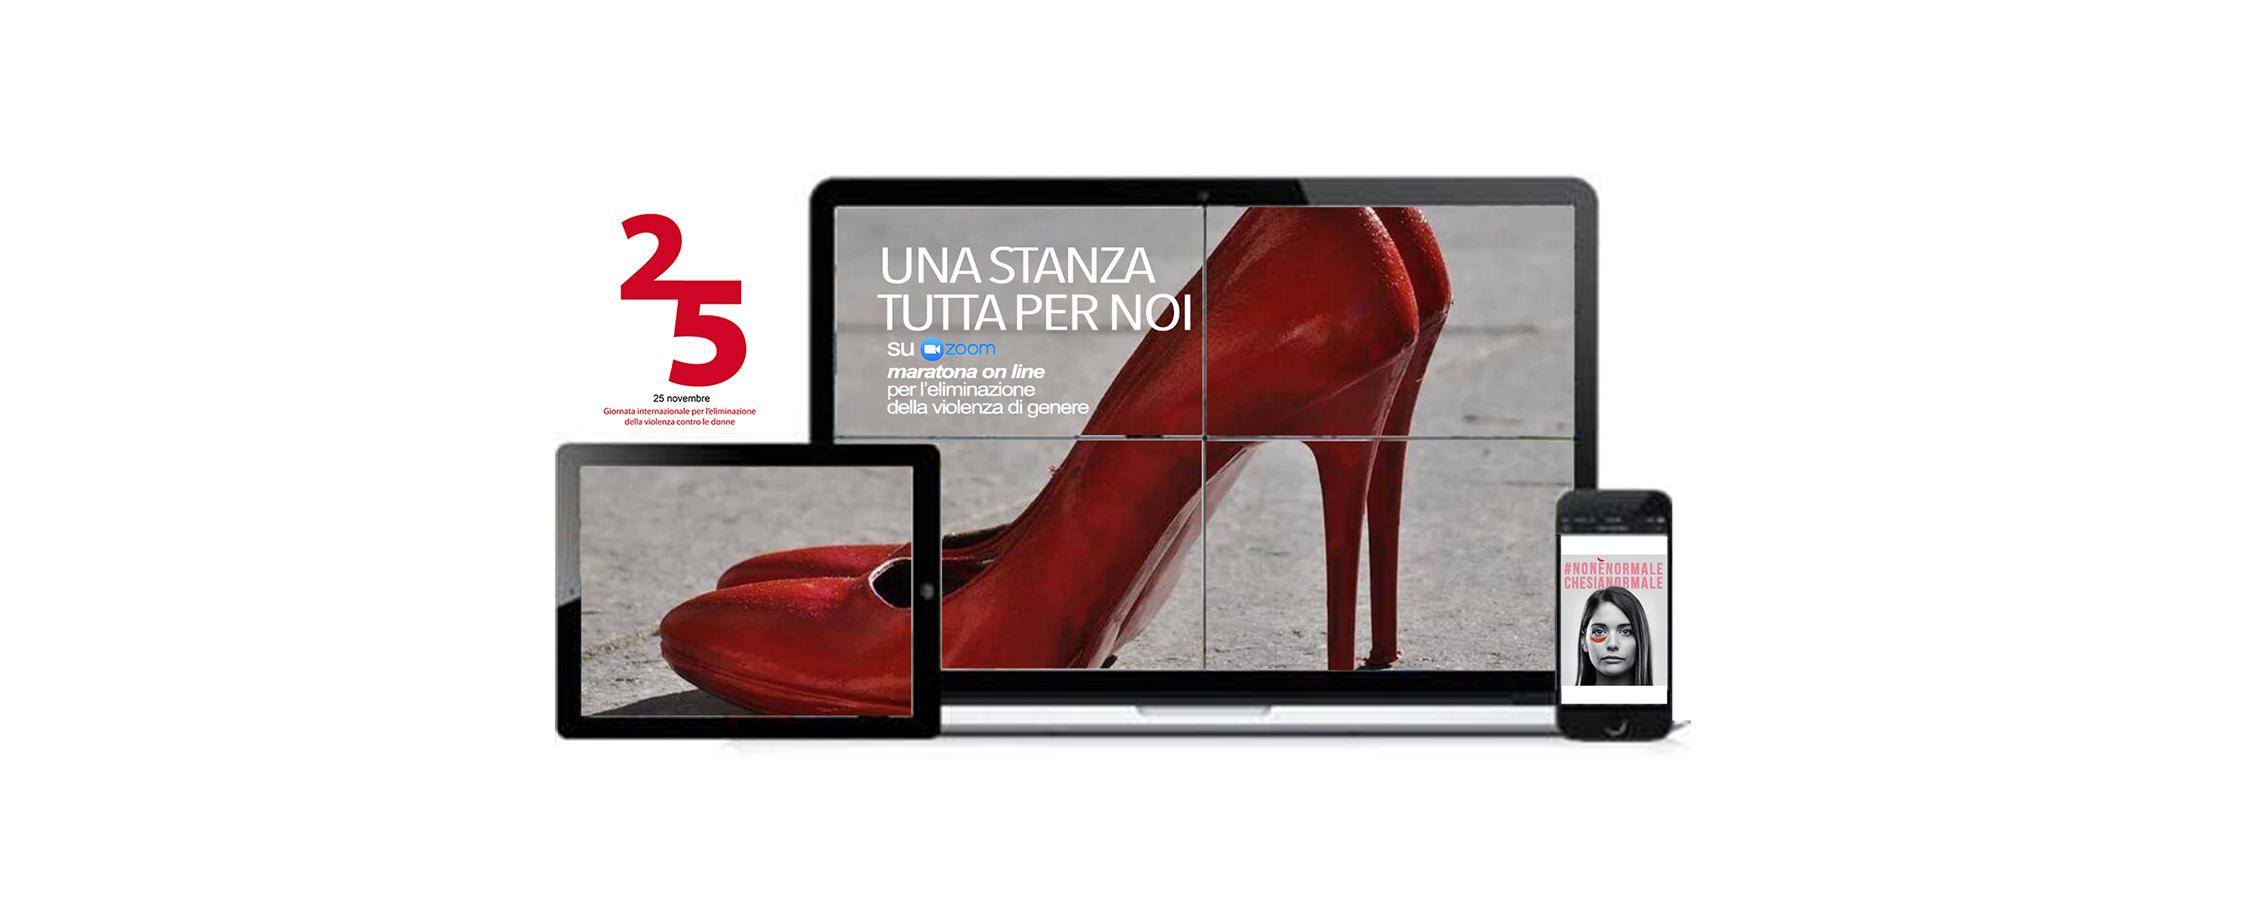 25/27 nov – OFFICINE PAPAGE – Spettacolo di Mezzanotte al Buio e Maratona online contro la violenza di genere